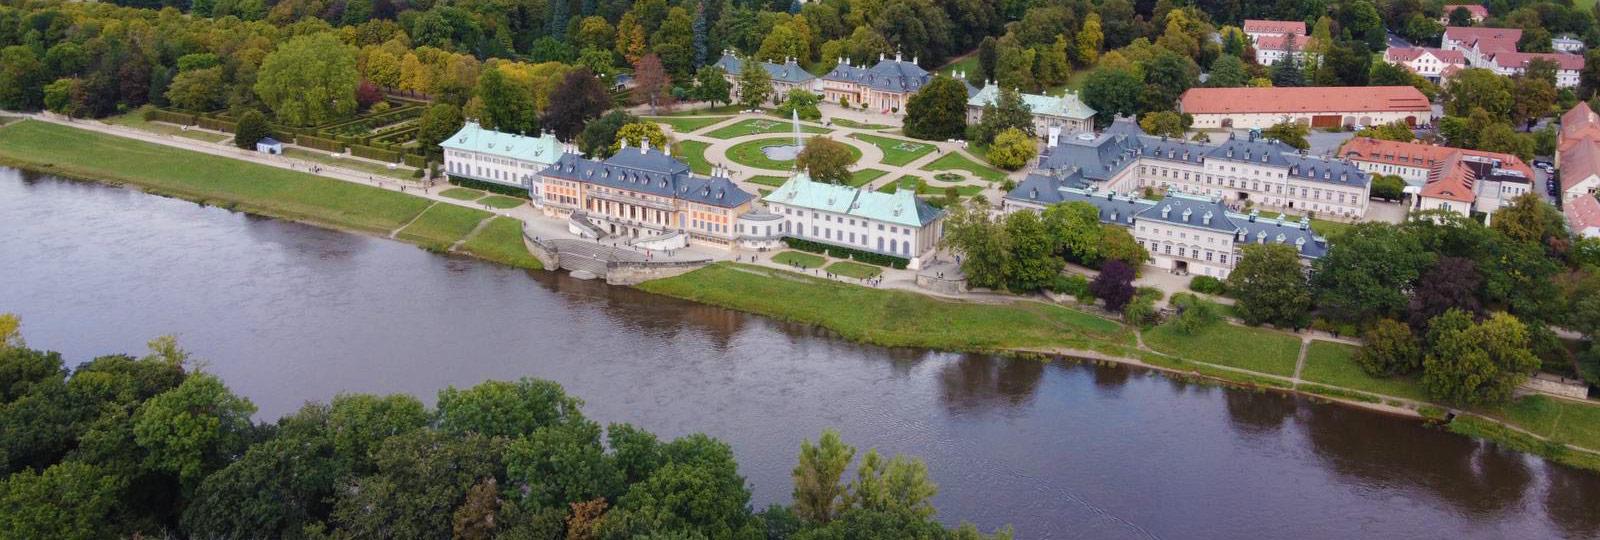 Blick auf Schloss Pillnitz